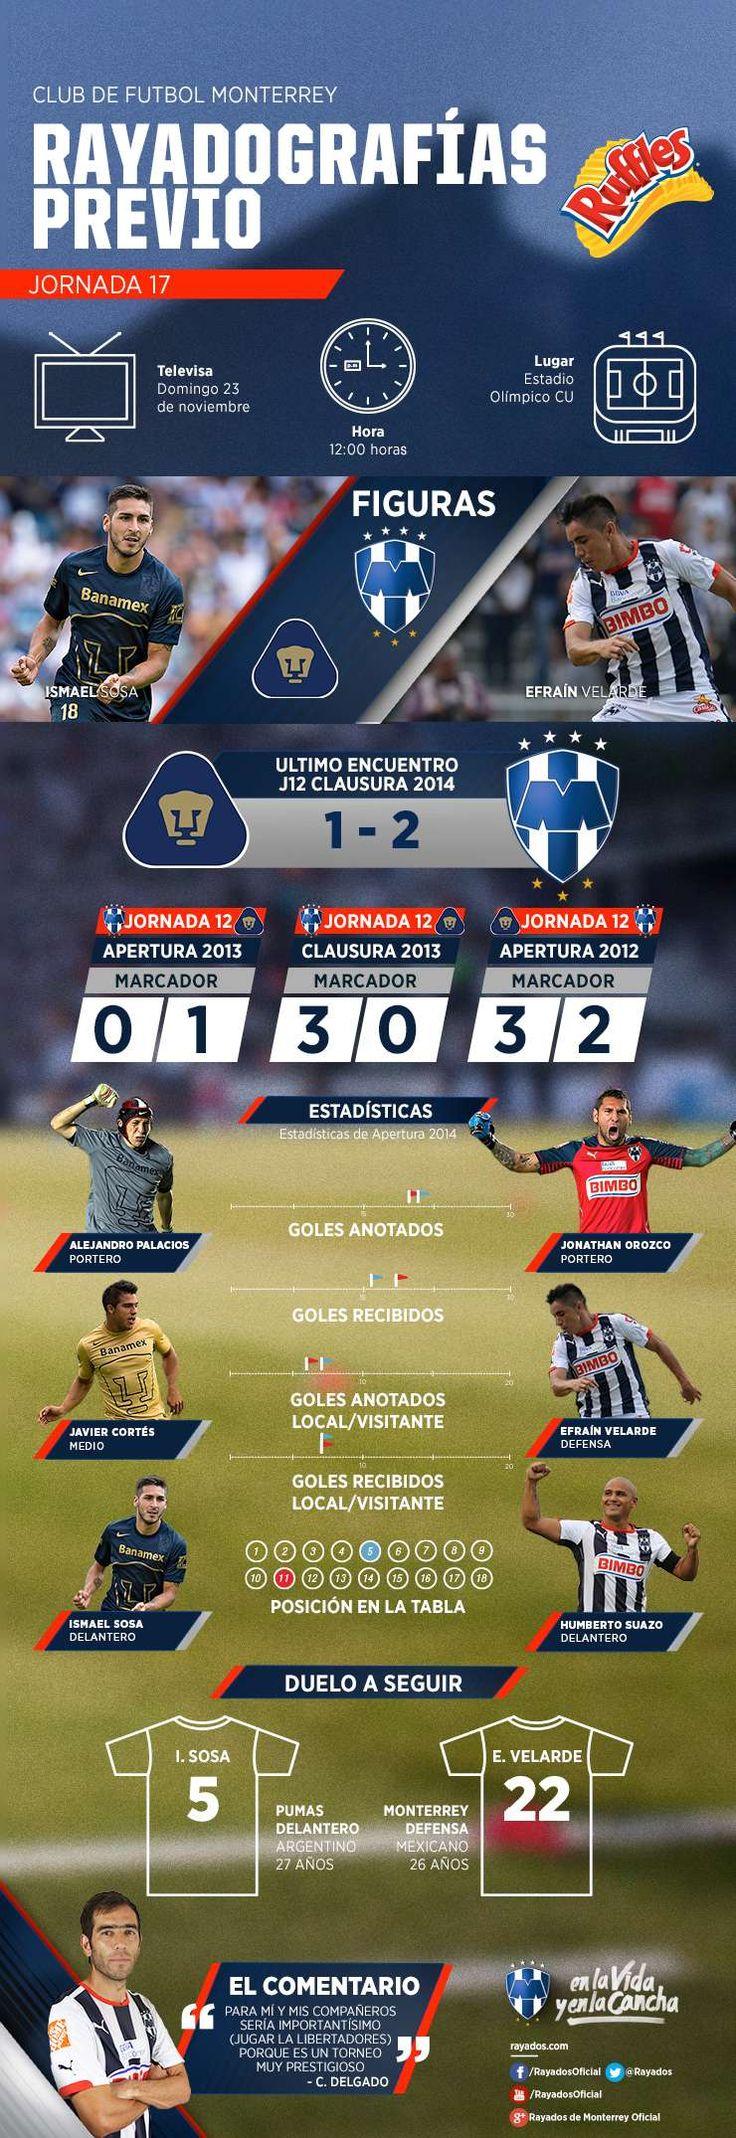 La #Rayadografía previa del partido Pumas vs. #Rayados es presentada por Ruffles MX.  Conoce todos los detalles aquí: http://www.rayados.com/primer-equipo/rayadografia-rayados-vs-pumas-por-ruffles,be20243cd4b99410VgnVCM3000009af154d0RCRD.html